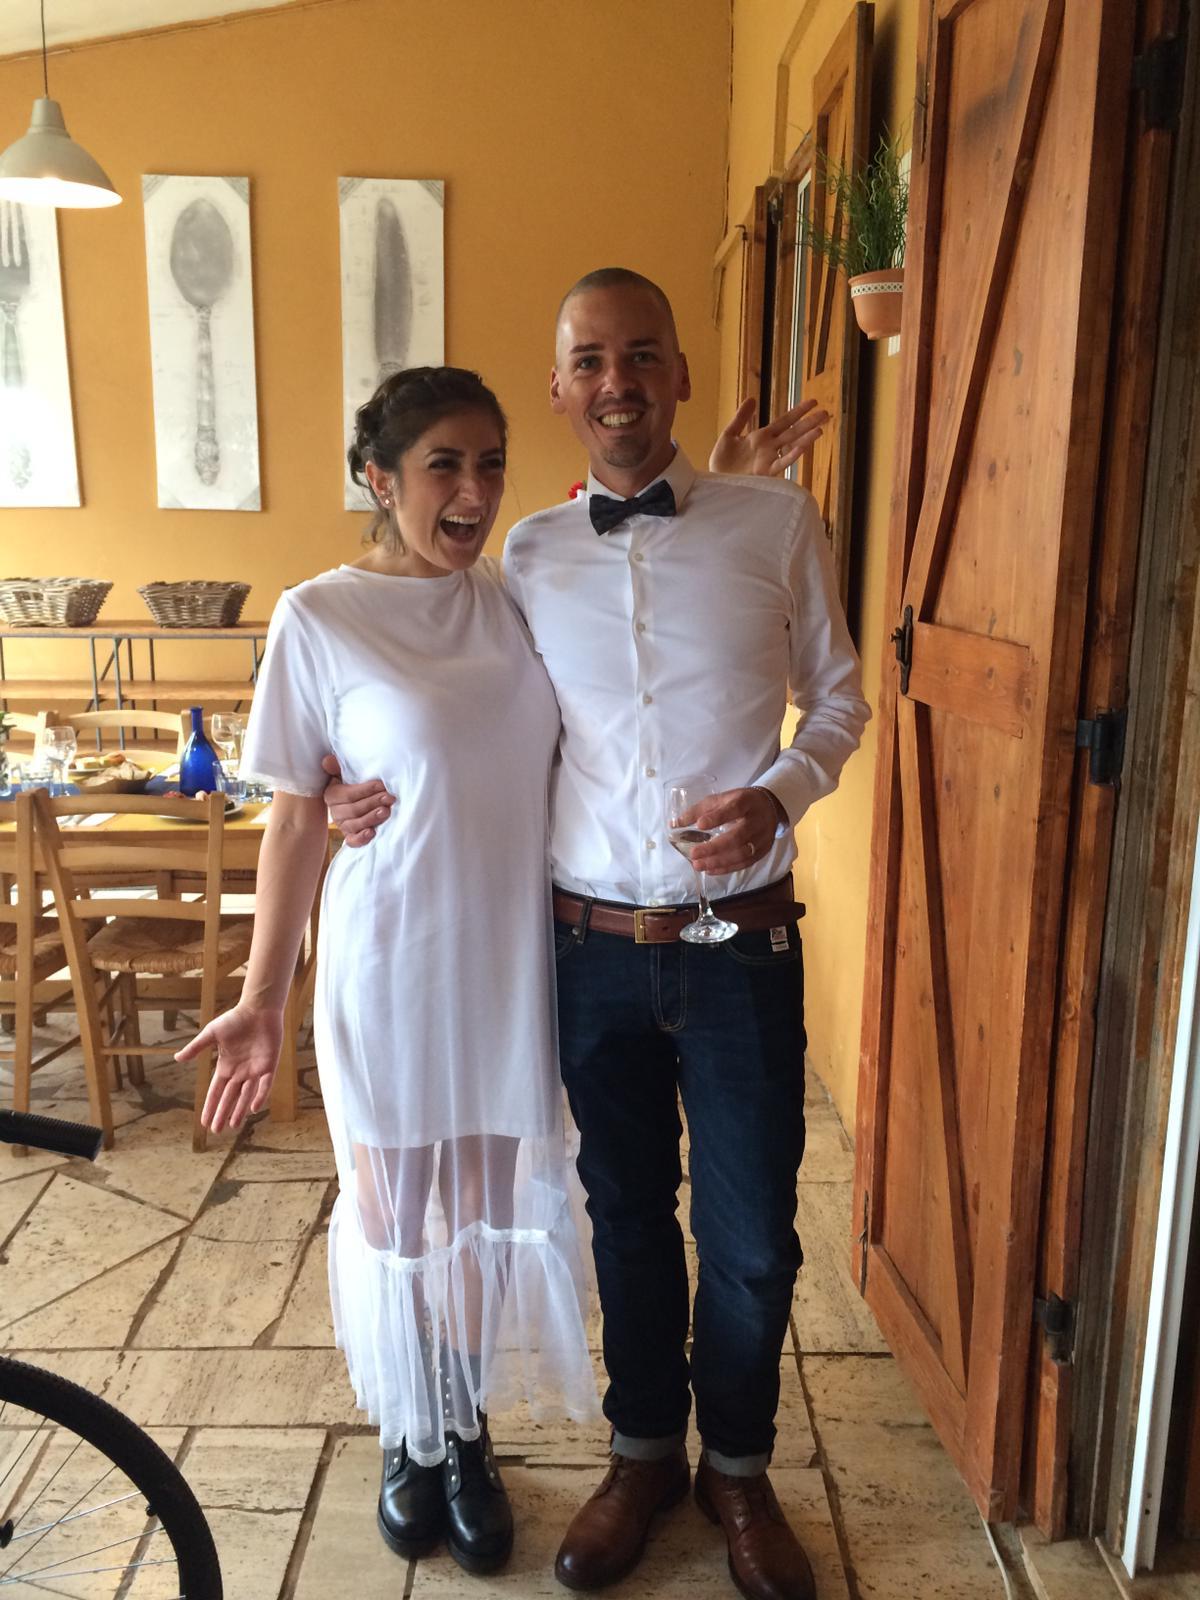 Brindisi e auguri a La Trattoria per il matrimonio di Eleonora e Francesco!!!